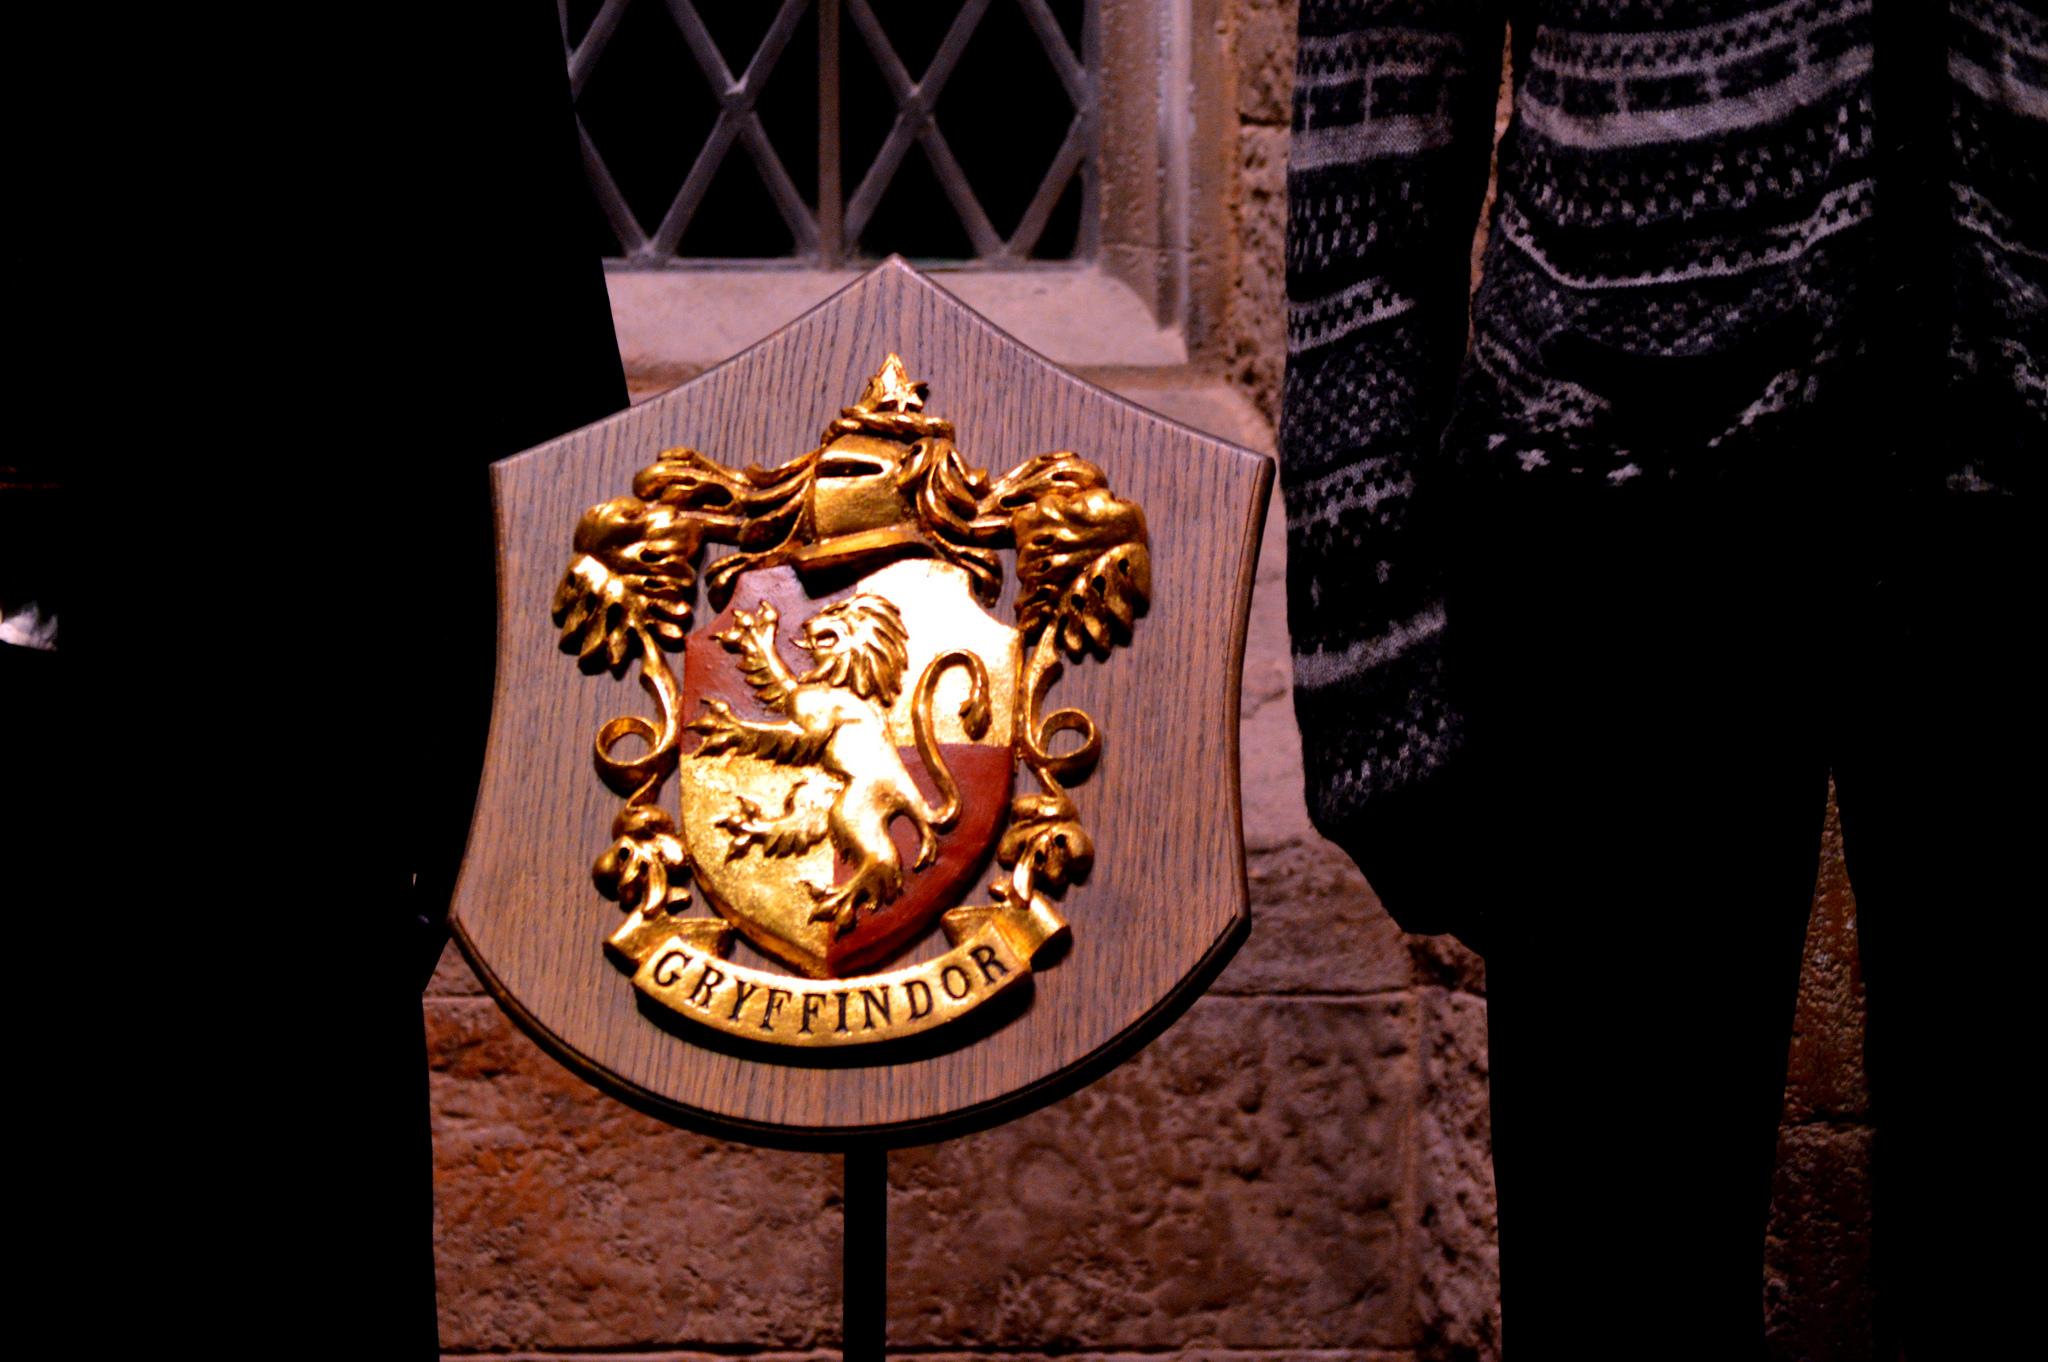 un refuge pour animaux s'inspire d'Harry Potter